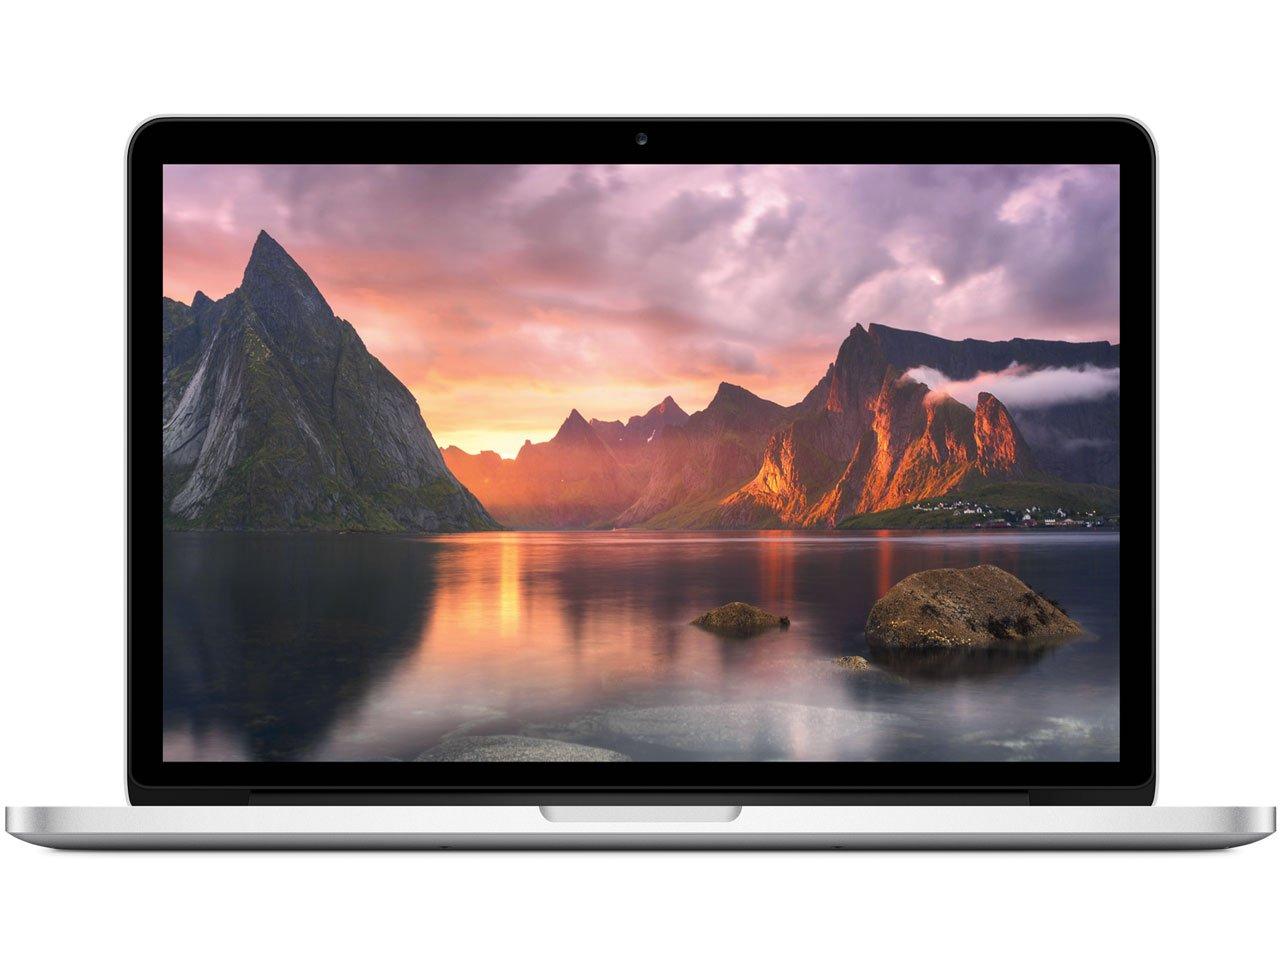 安い割引 APPLE MacBook B00UJK3274 Pro with Graphics) Retina Display (2.9GHz Dual Display Core i5/13.3インチ/8GB/512GB/Iris Graphics) MF841J/A B00UJK3274, petite TeTe:ab5c32a6 --- martinemoeykens.com